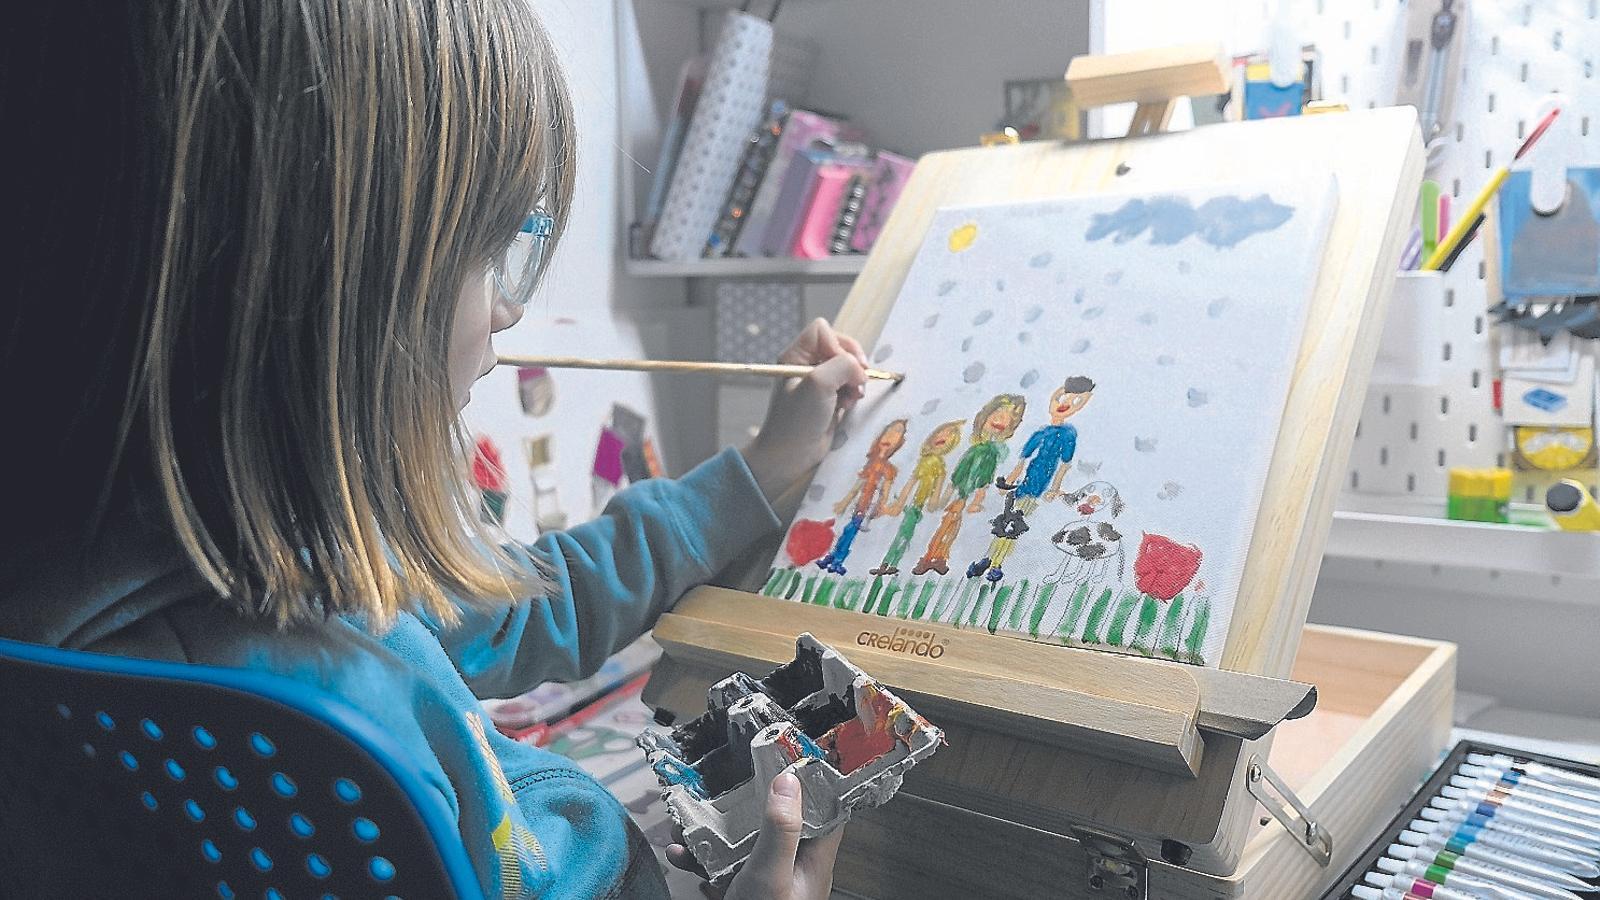 Els dibuixos dels infants diuen molt de les seves emocions